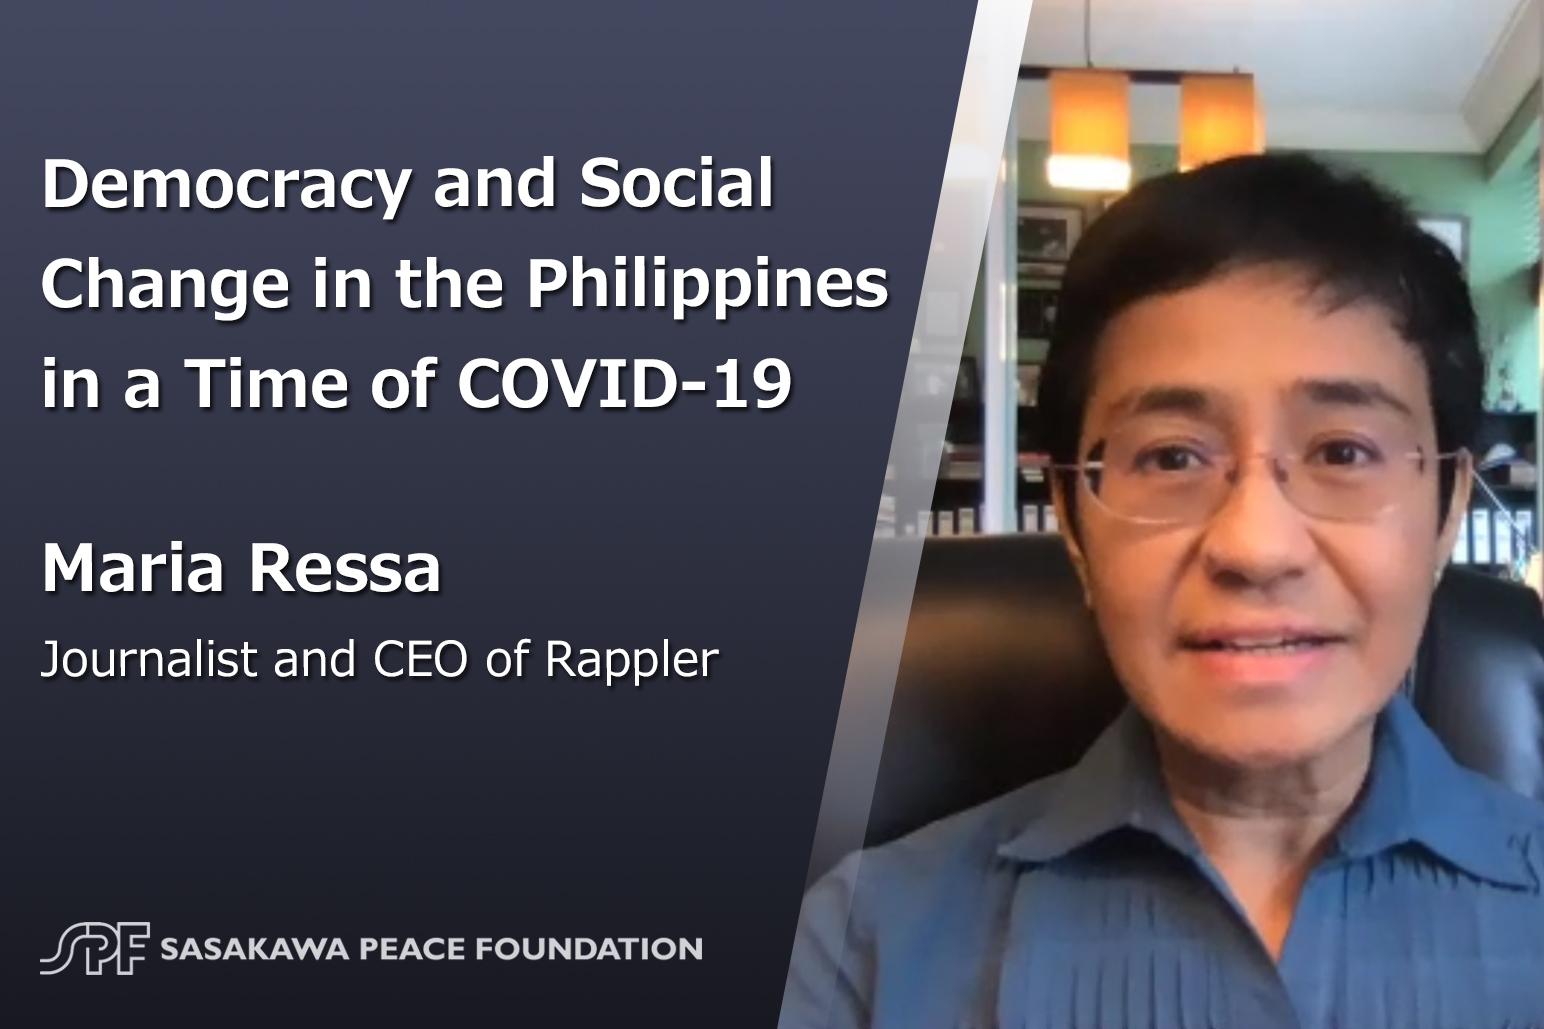 新型コロナウイルスの時代におけるフィリピンの民主主義と社会の変化<br>マリア・レッサ氏(ジャーナリスト、ラップラー社CEO)インタビュー